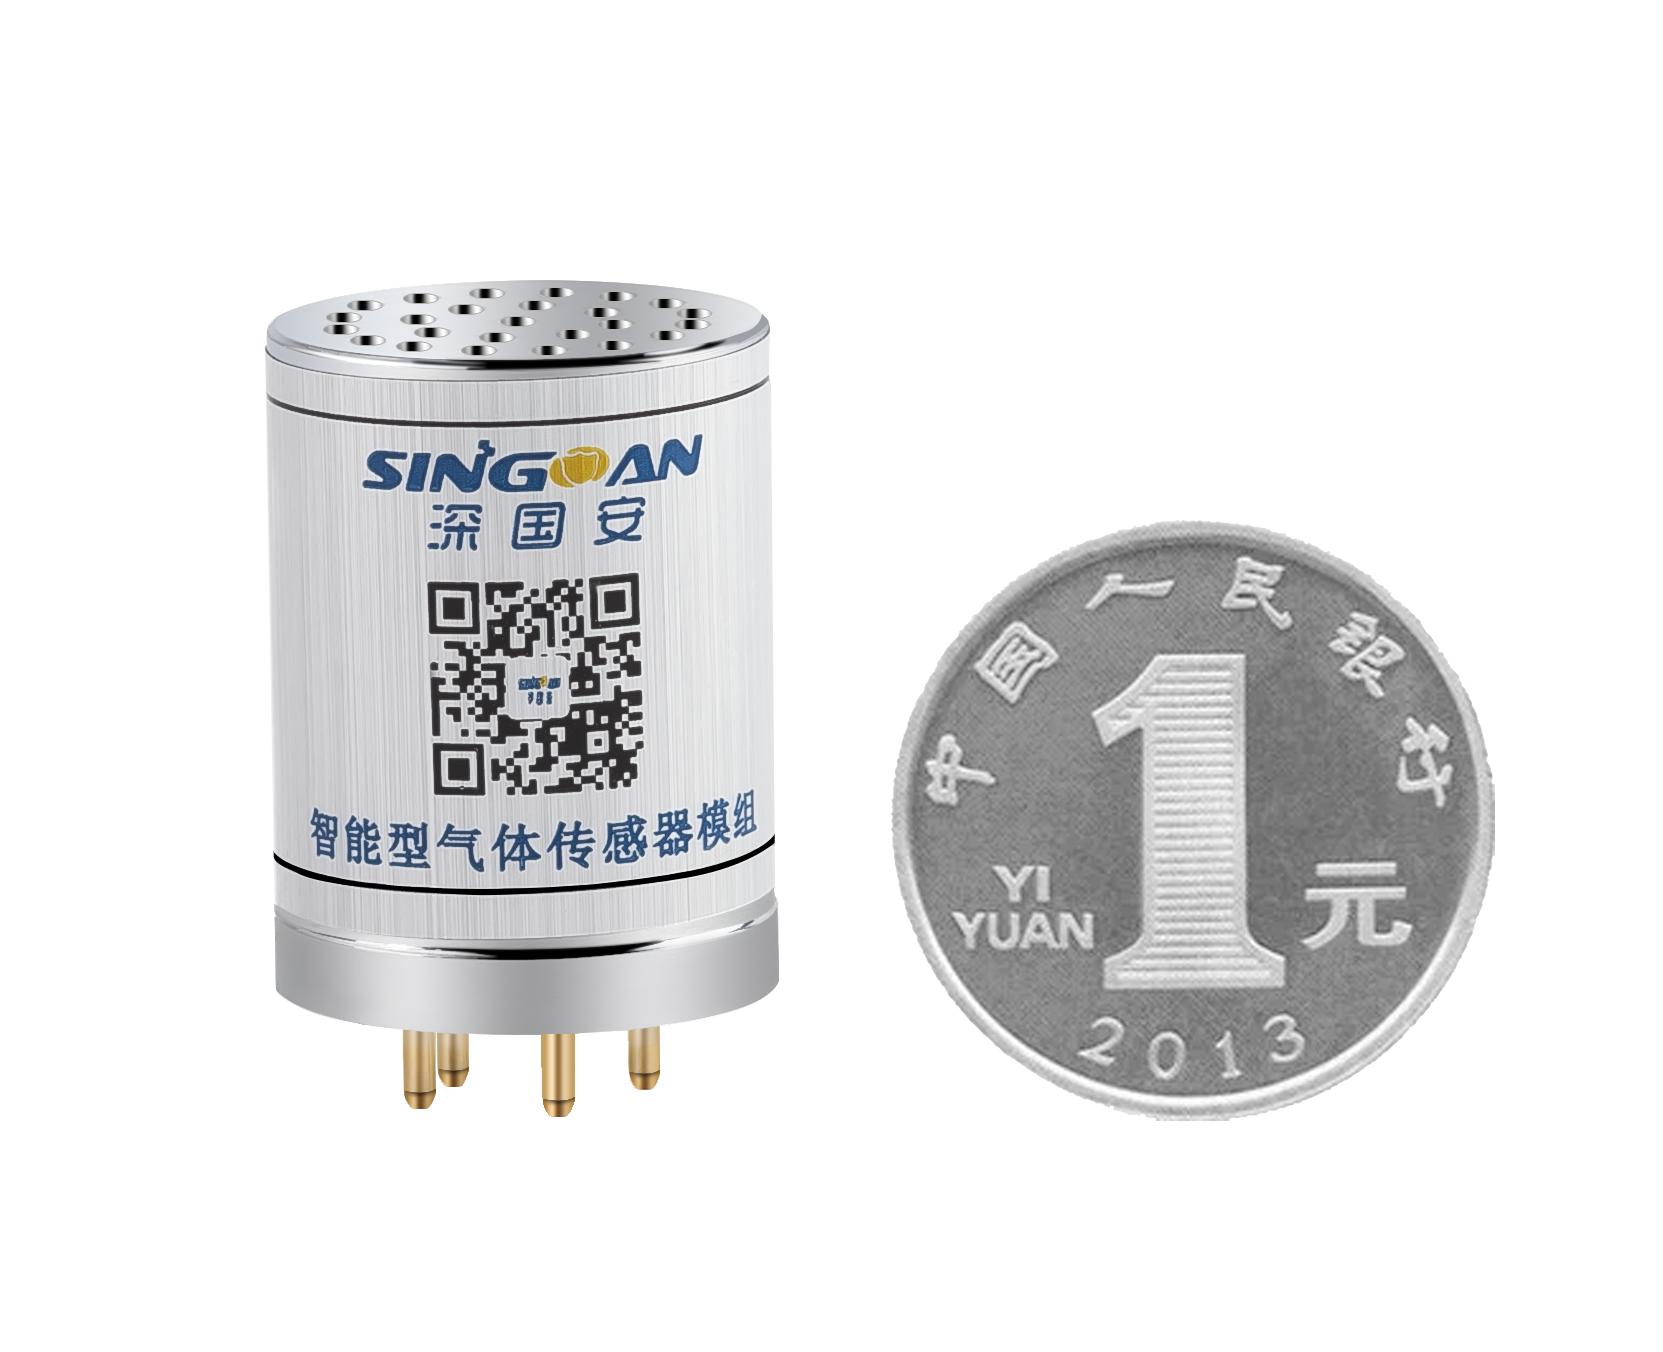 福建广东地区丙烯气体传感器模组串口信号输出-丙烯气体传感器模块环保集成专用-丙烯气体传感器报警值设置